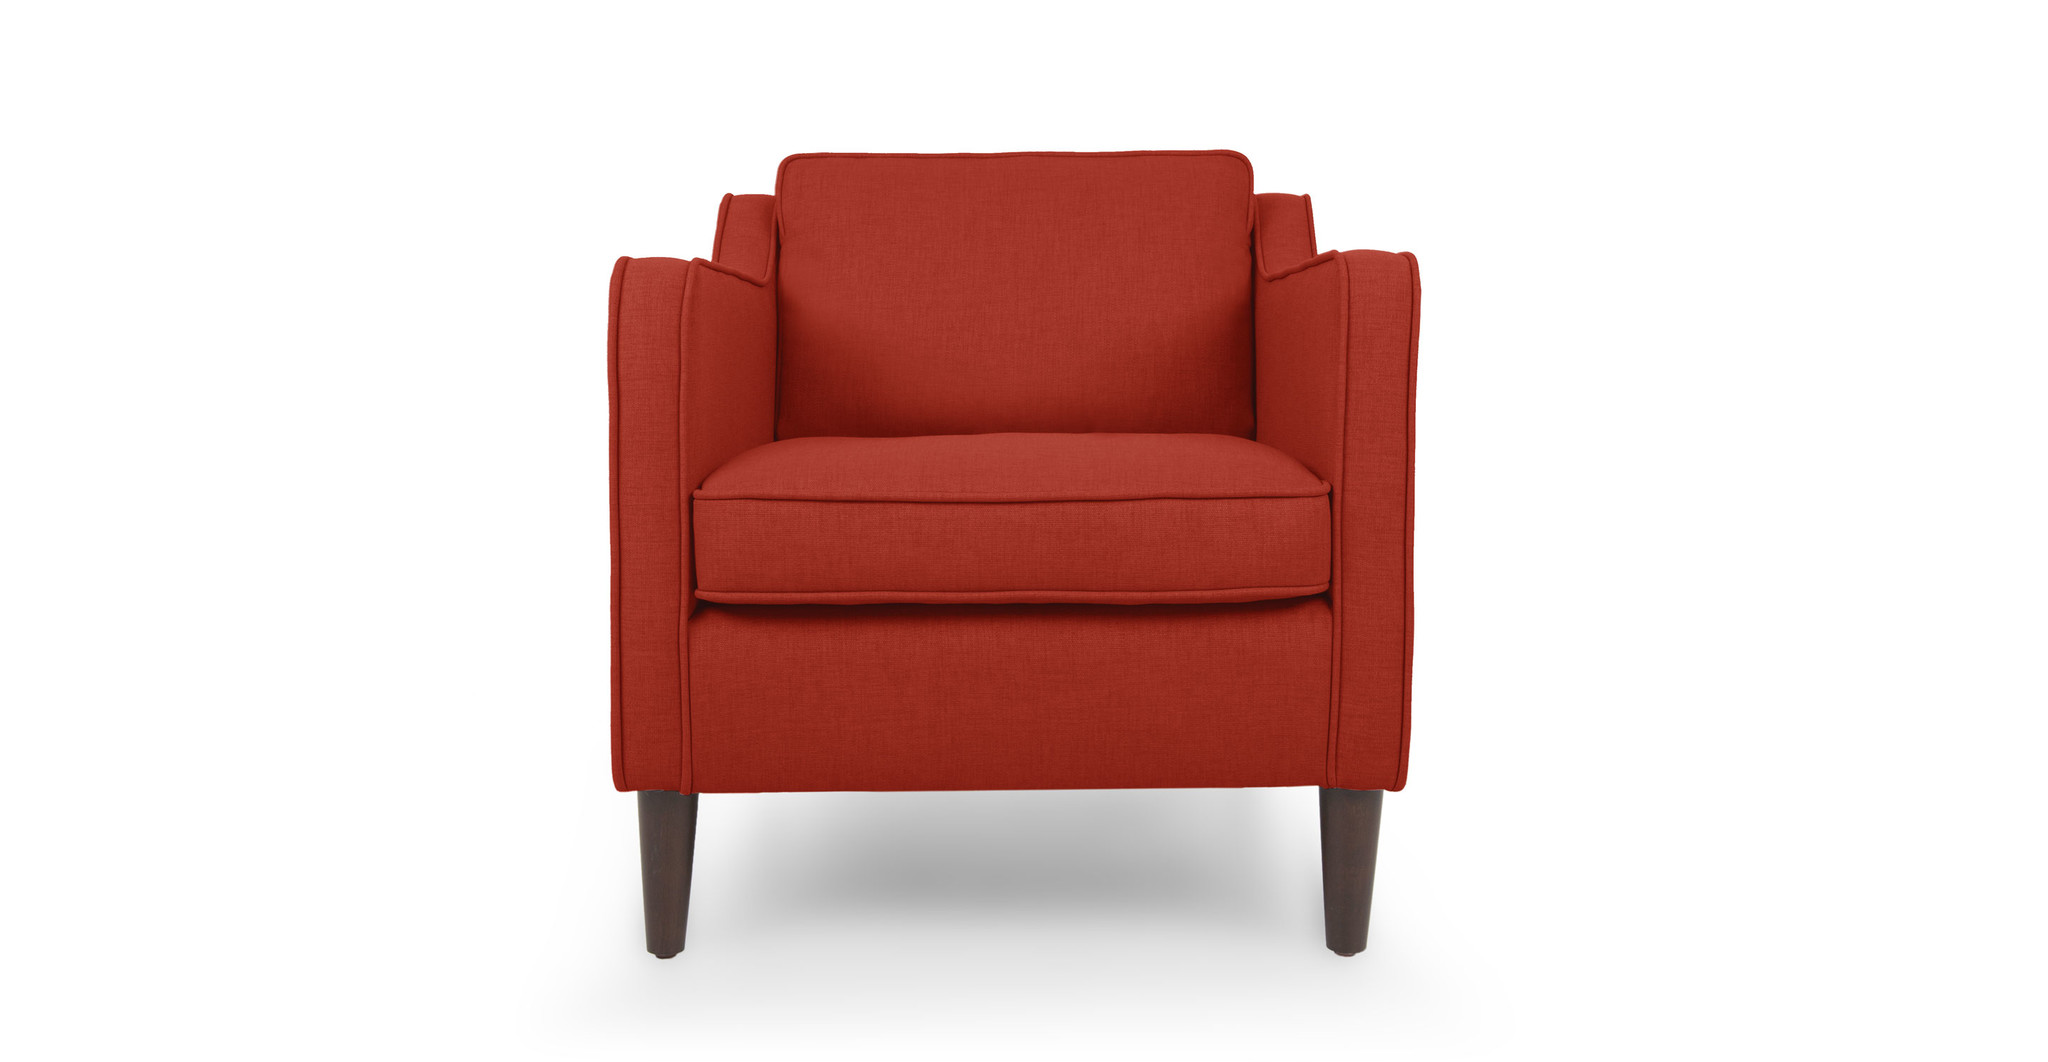 Кресло Грейс REDИнтерьерные кресла<br>&amp;lt;div&amp;gt;Кресло в скандинавском стиле с легкой ноткой ретро ? это практично и очень модно. Сглаженные линии, ни грамма вычурности, натуральные экологичные материалы ? вот суть этой мебели. Обивка и чехол съемной подушки-сиденья сшиты из прочной ткани оттенка грейпфрута. Ножки изготовлены из древесного массива и имеют правильную коническую форму.&amp;lt;/div&amp;gt;<br><br>Material: Текстиль<br>Ширина см: 75<br>Высота см: 81<br>Глубина см: 89